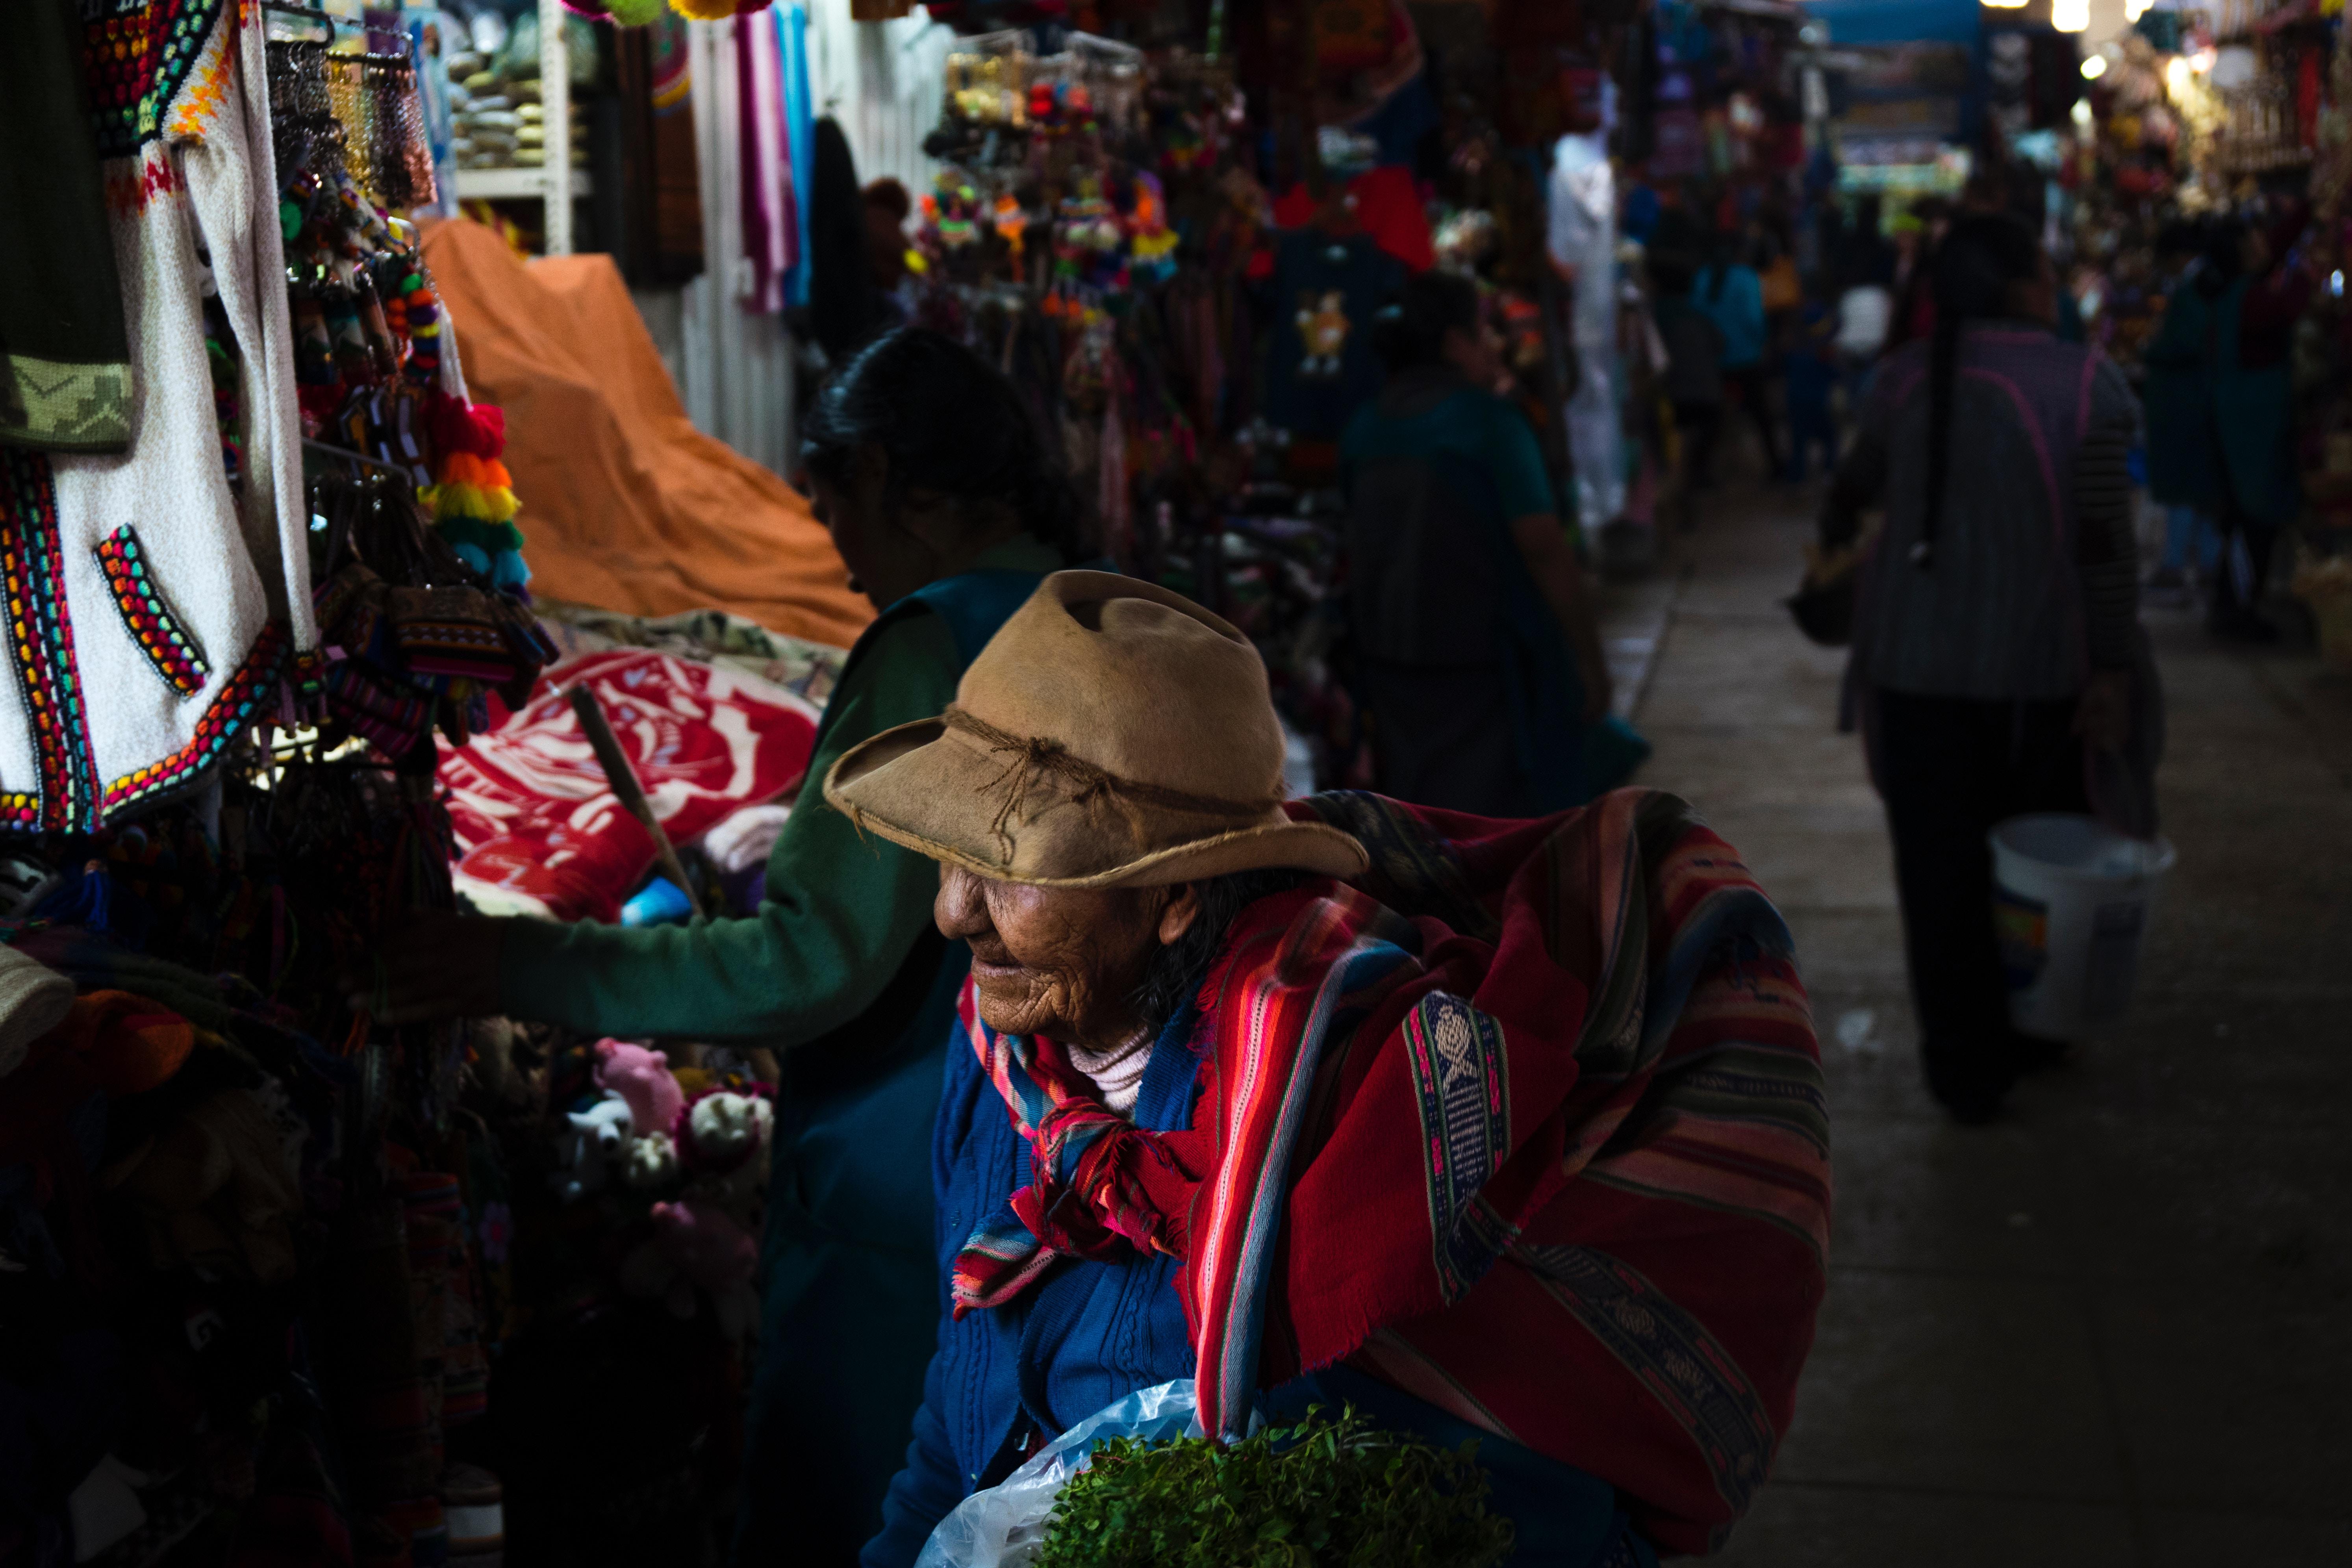 Imagen de la noticia Apoyo a la implementación de la ley para prevenir, sancionar y erradicar la violencia contra las mujeres y los integrantes del grupo familiar a través de la capacitación y sensibilización en Perú